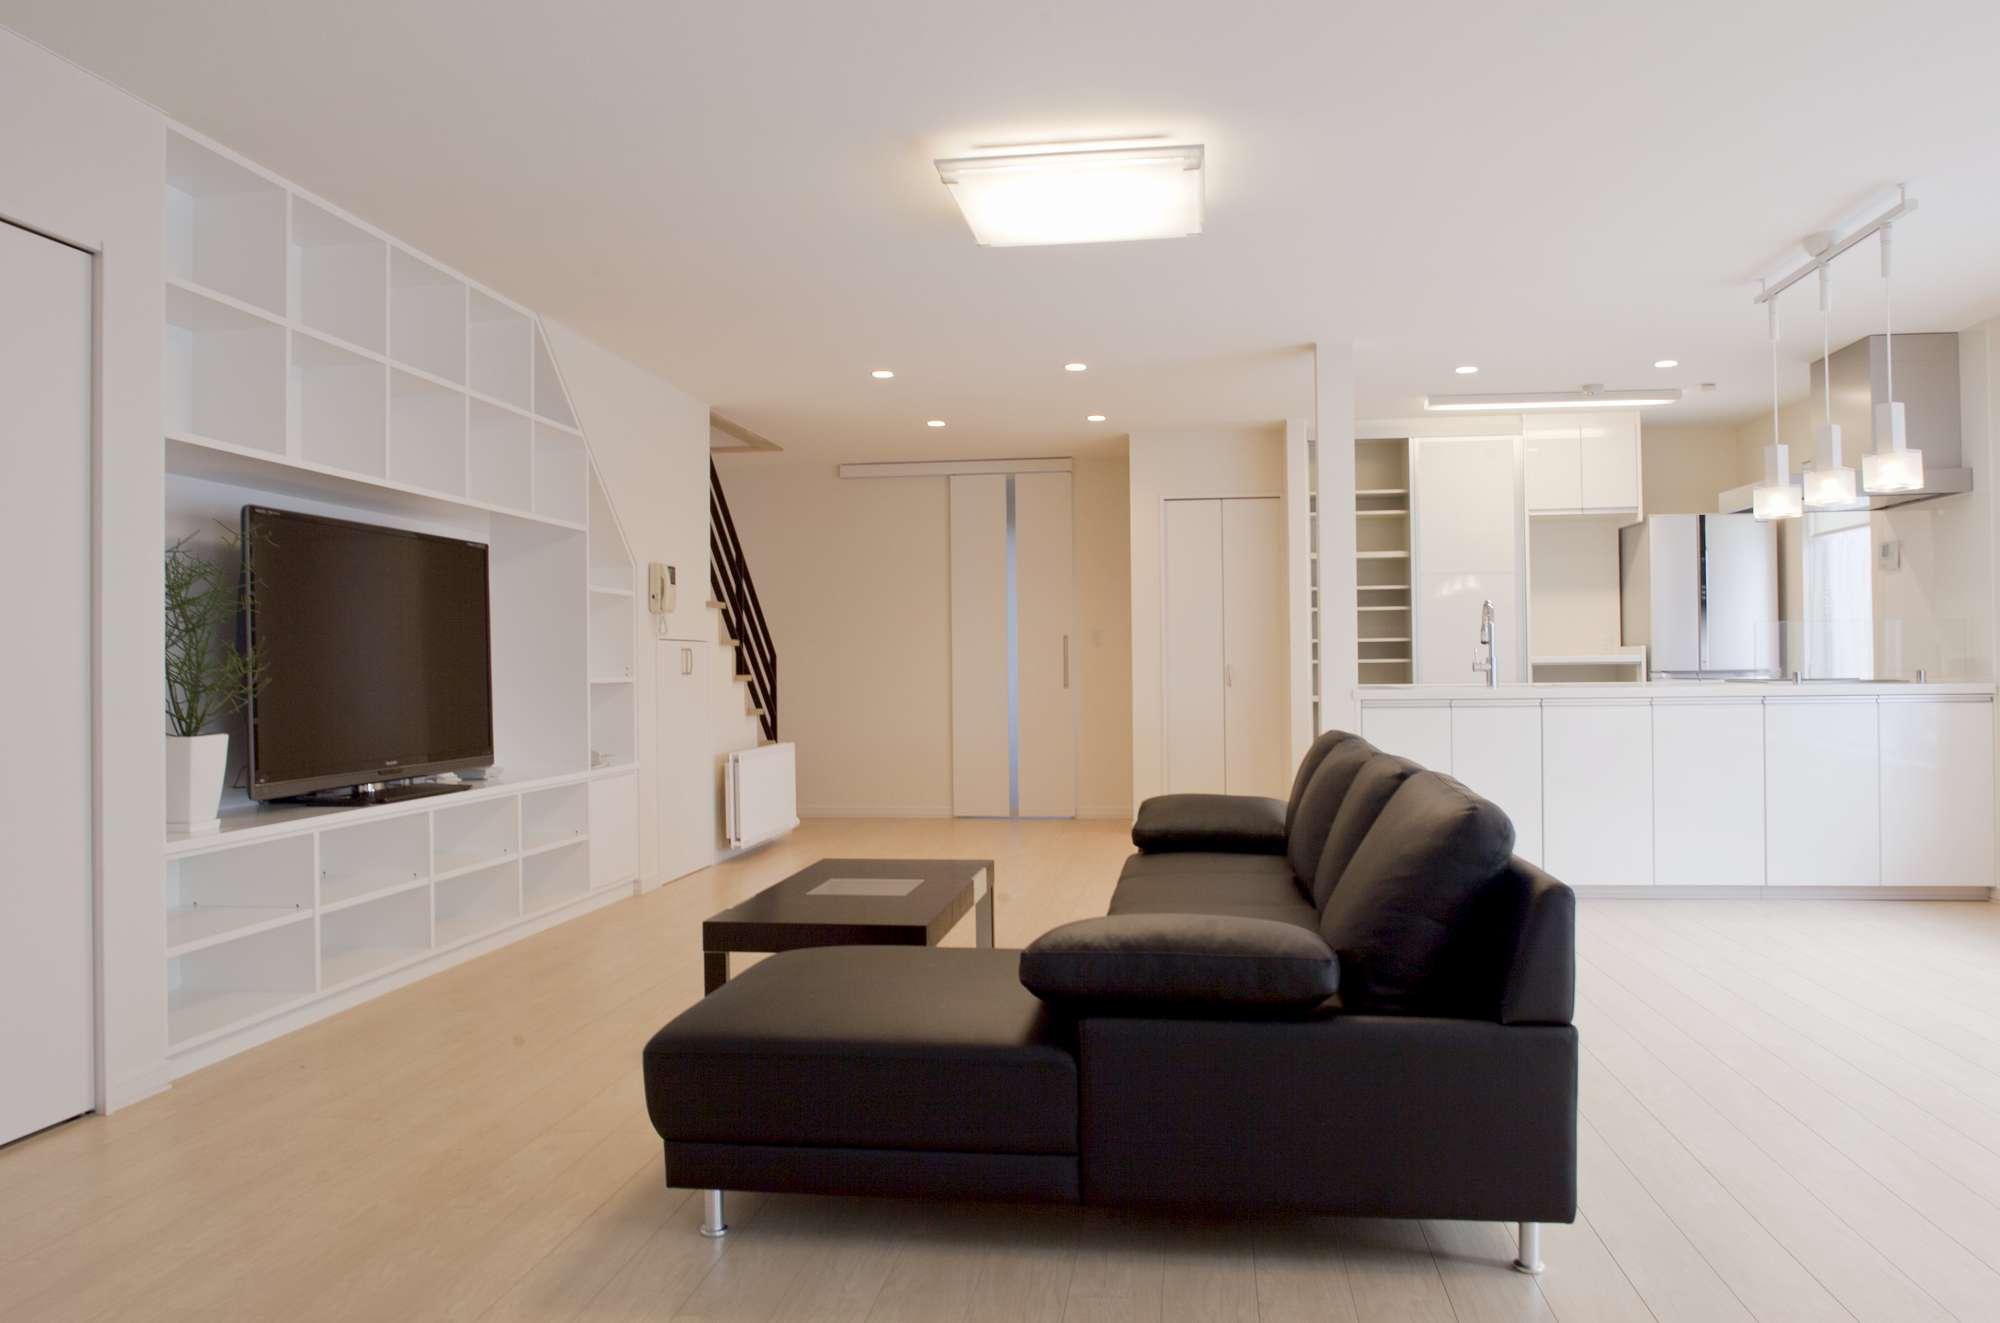 パントリーやキッチン前の収納も充実。白をベースにしたスタイリッシュな空間 -  -  -